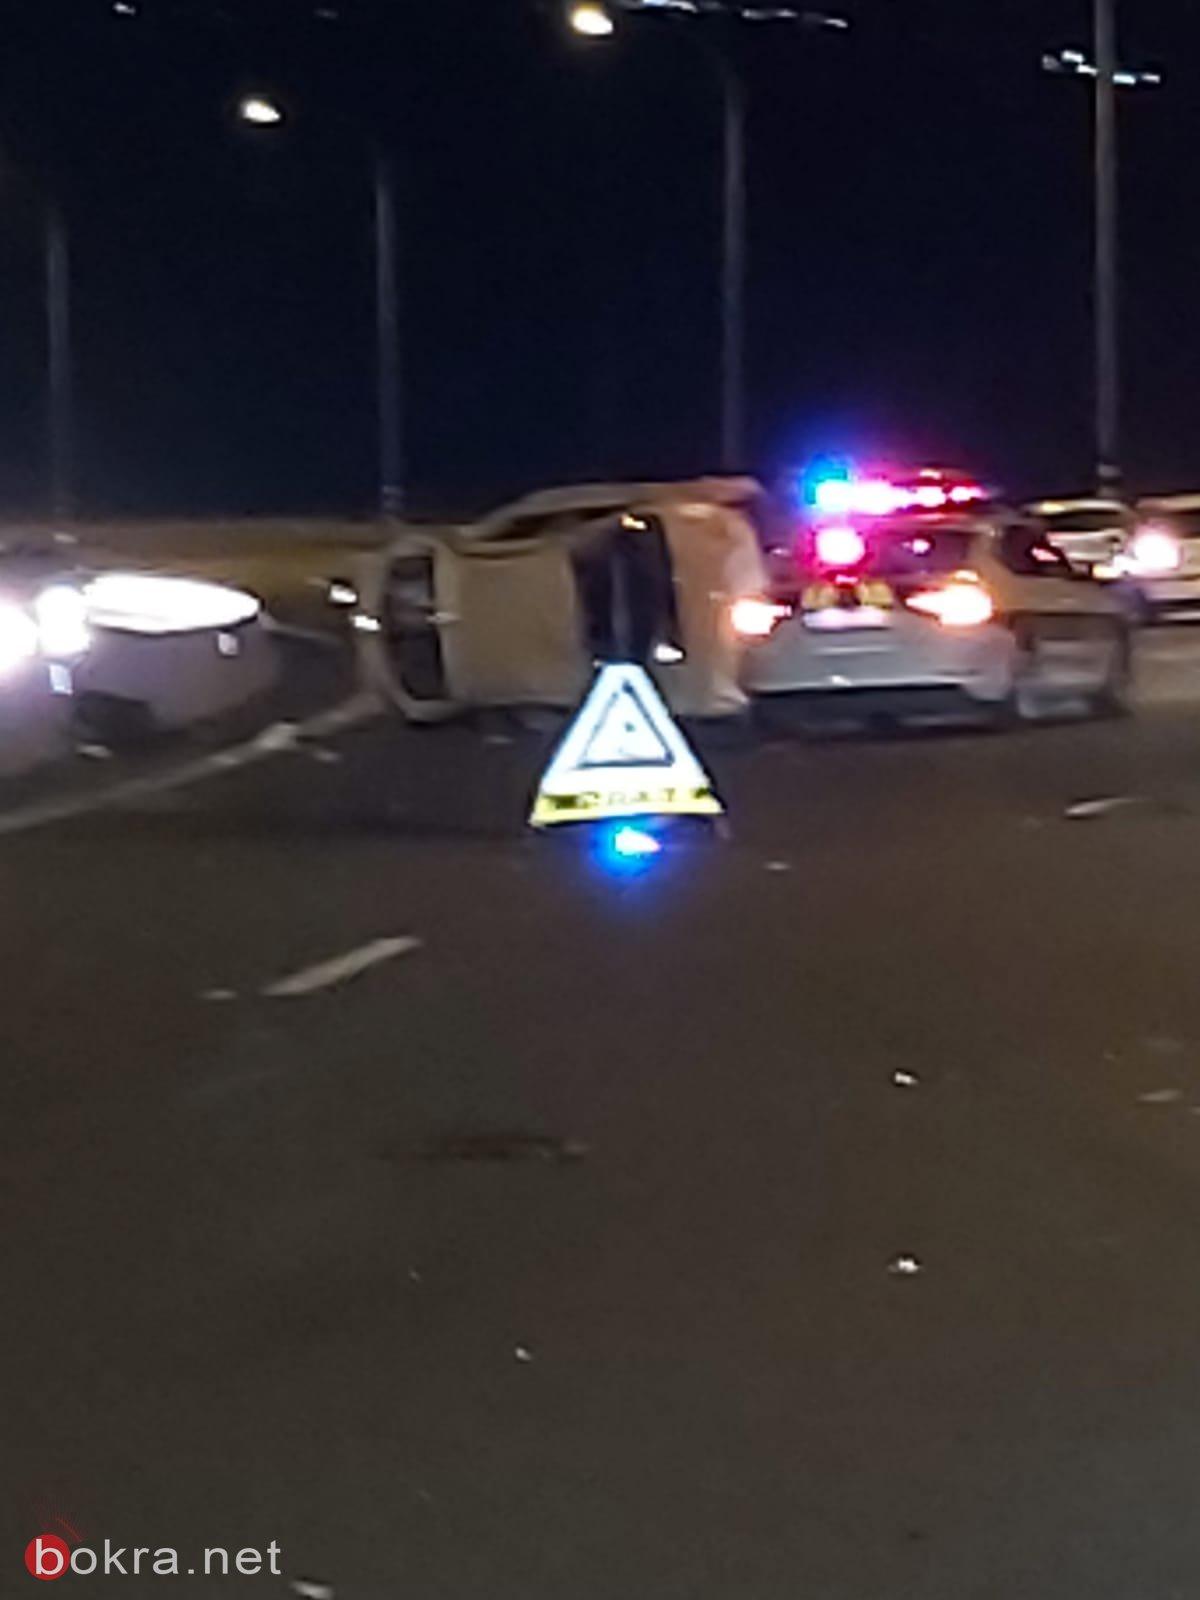 اصابات عديدة في حادث طرق بالقرب من البعينة النجيدات-0